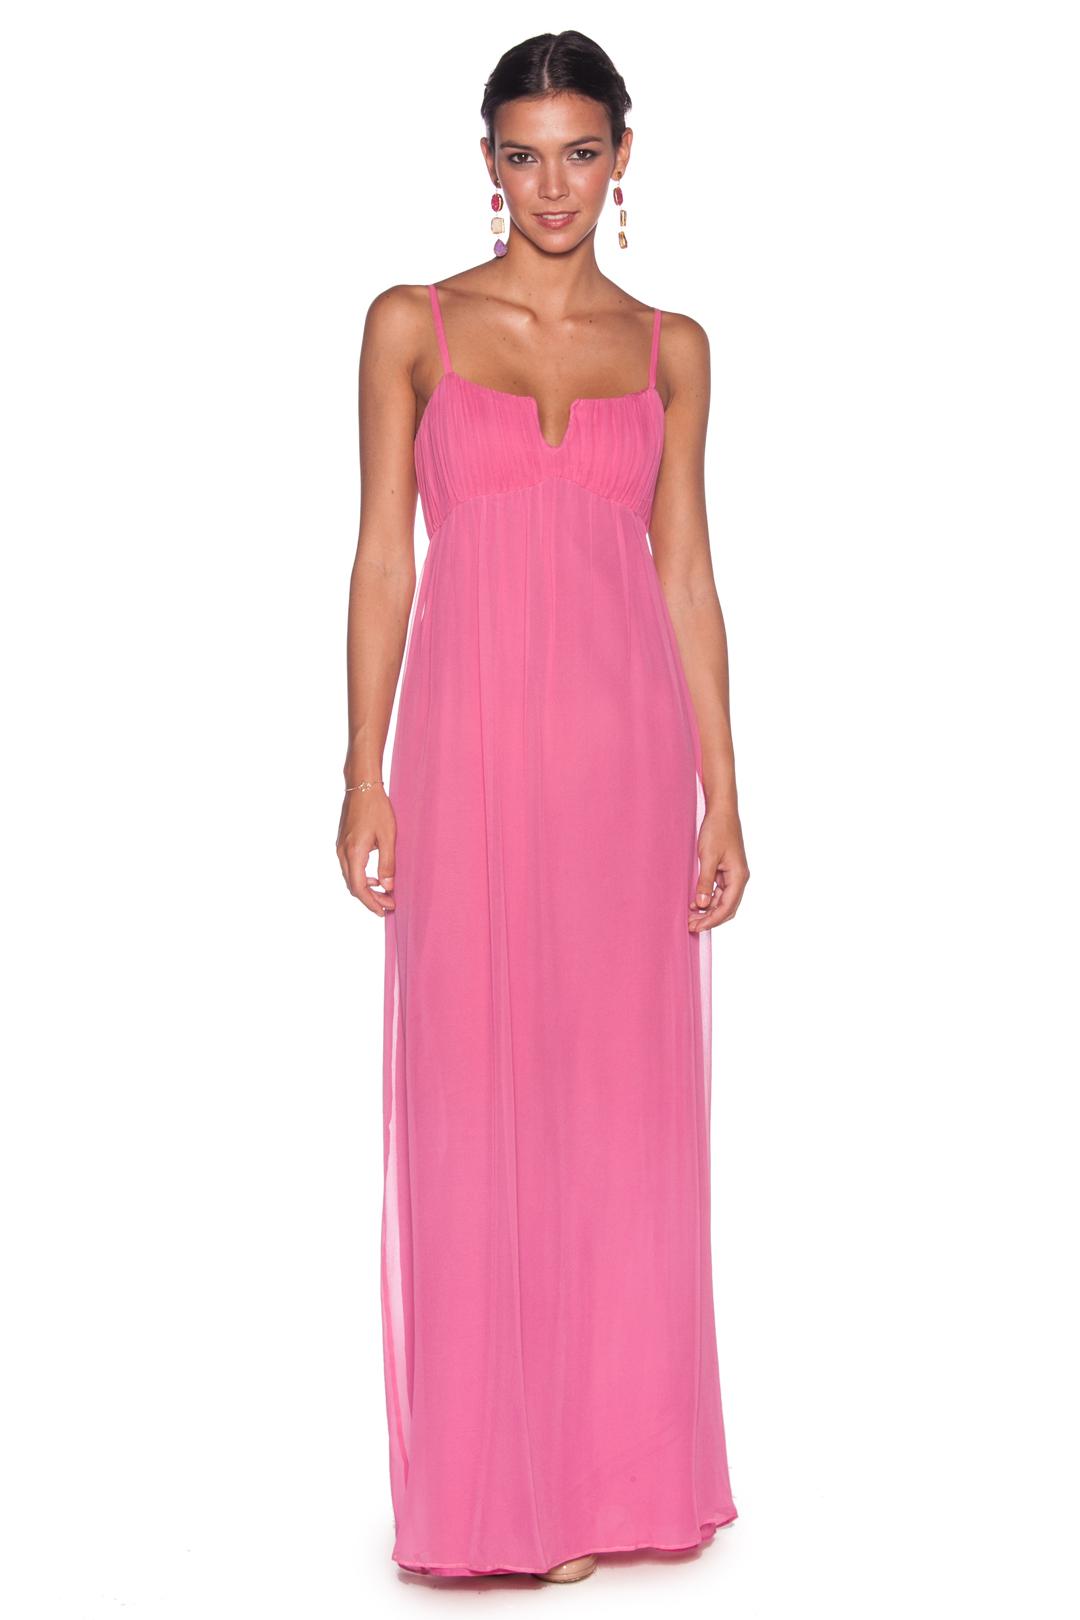 Vestido Rosa Chicle - Alquiler de Vestidos - La Más Mona